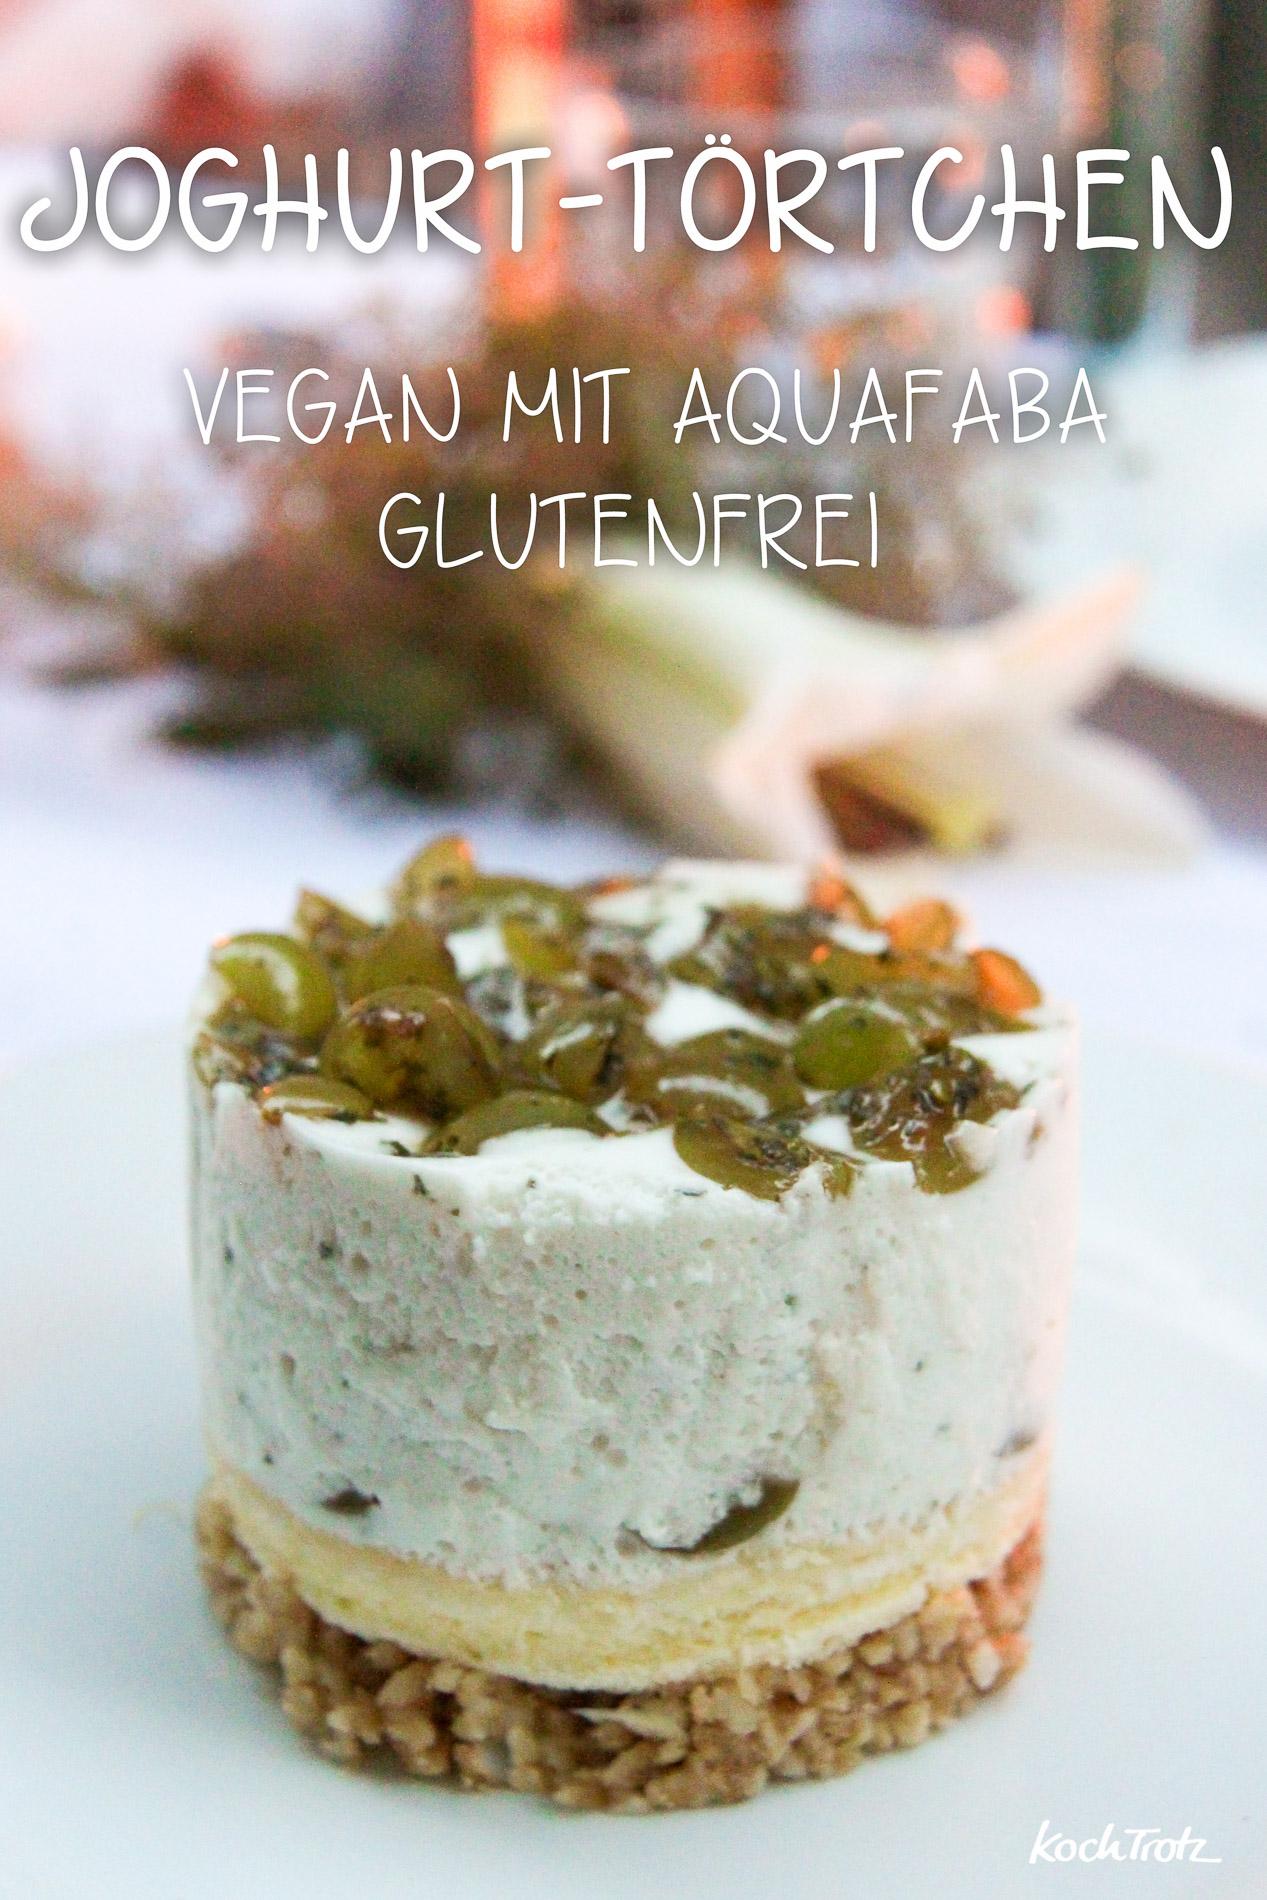 Joghurttörtchen | glutenfrei | vegan mit Aquafaba vegetarisch | von KochTrotz